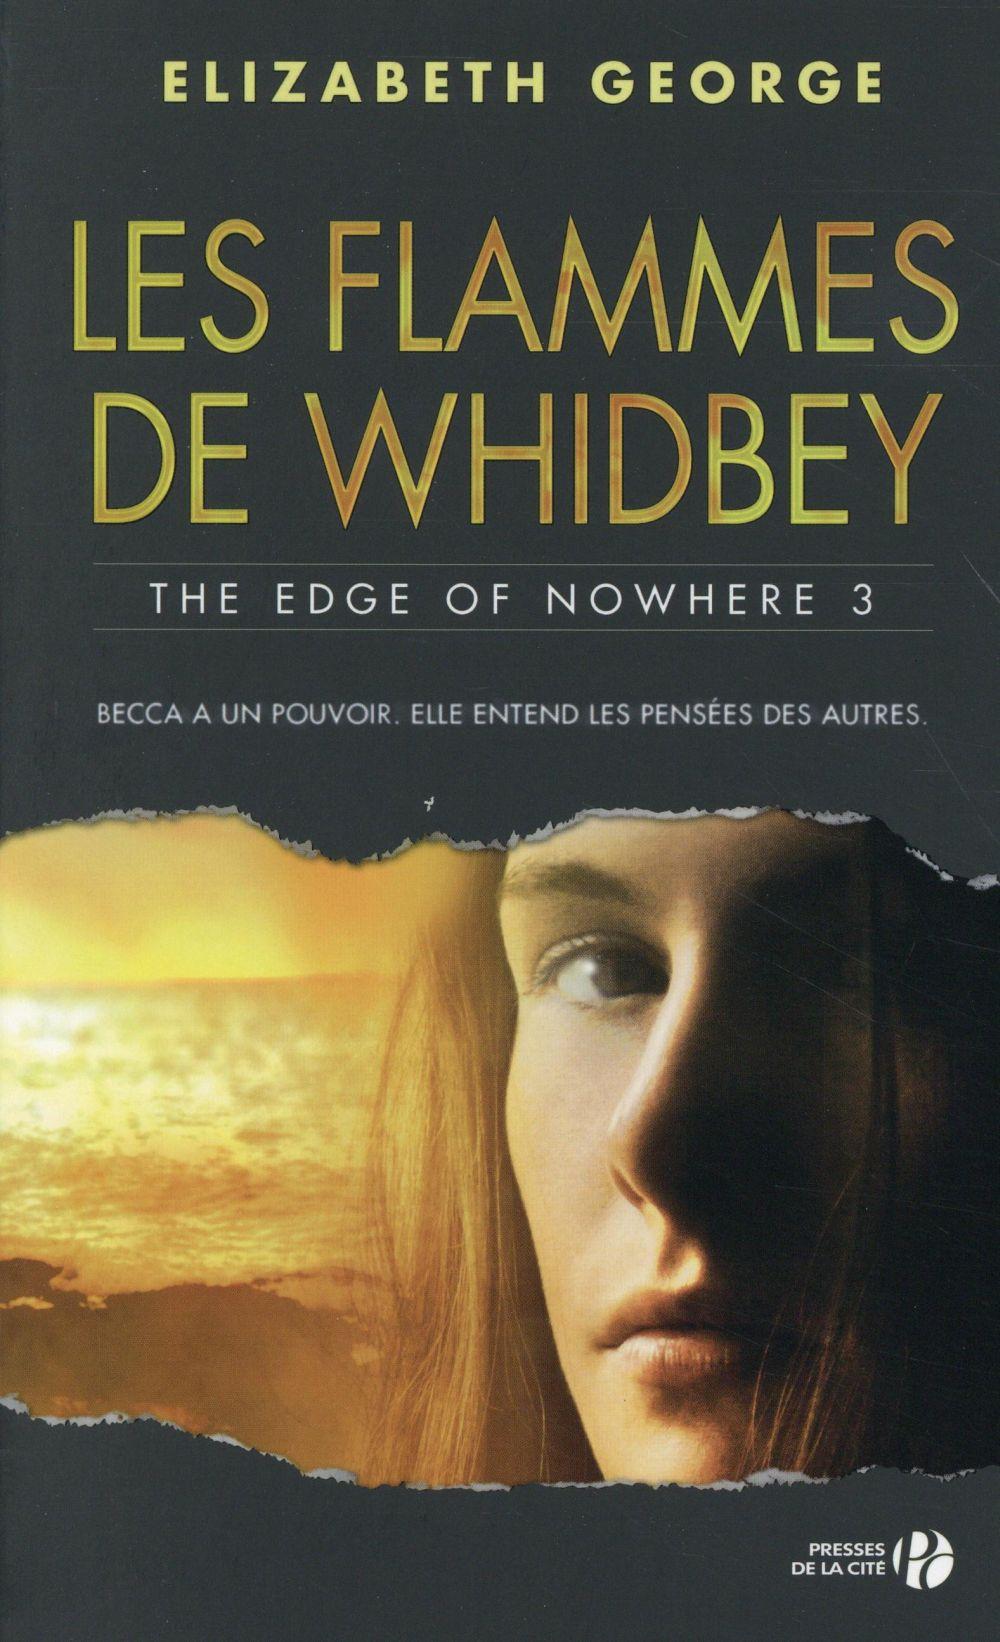 LES FLAMMES DE WHIDBEY - VOL3 George Elizabeth Presses de la Cité